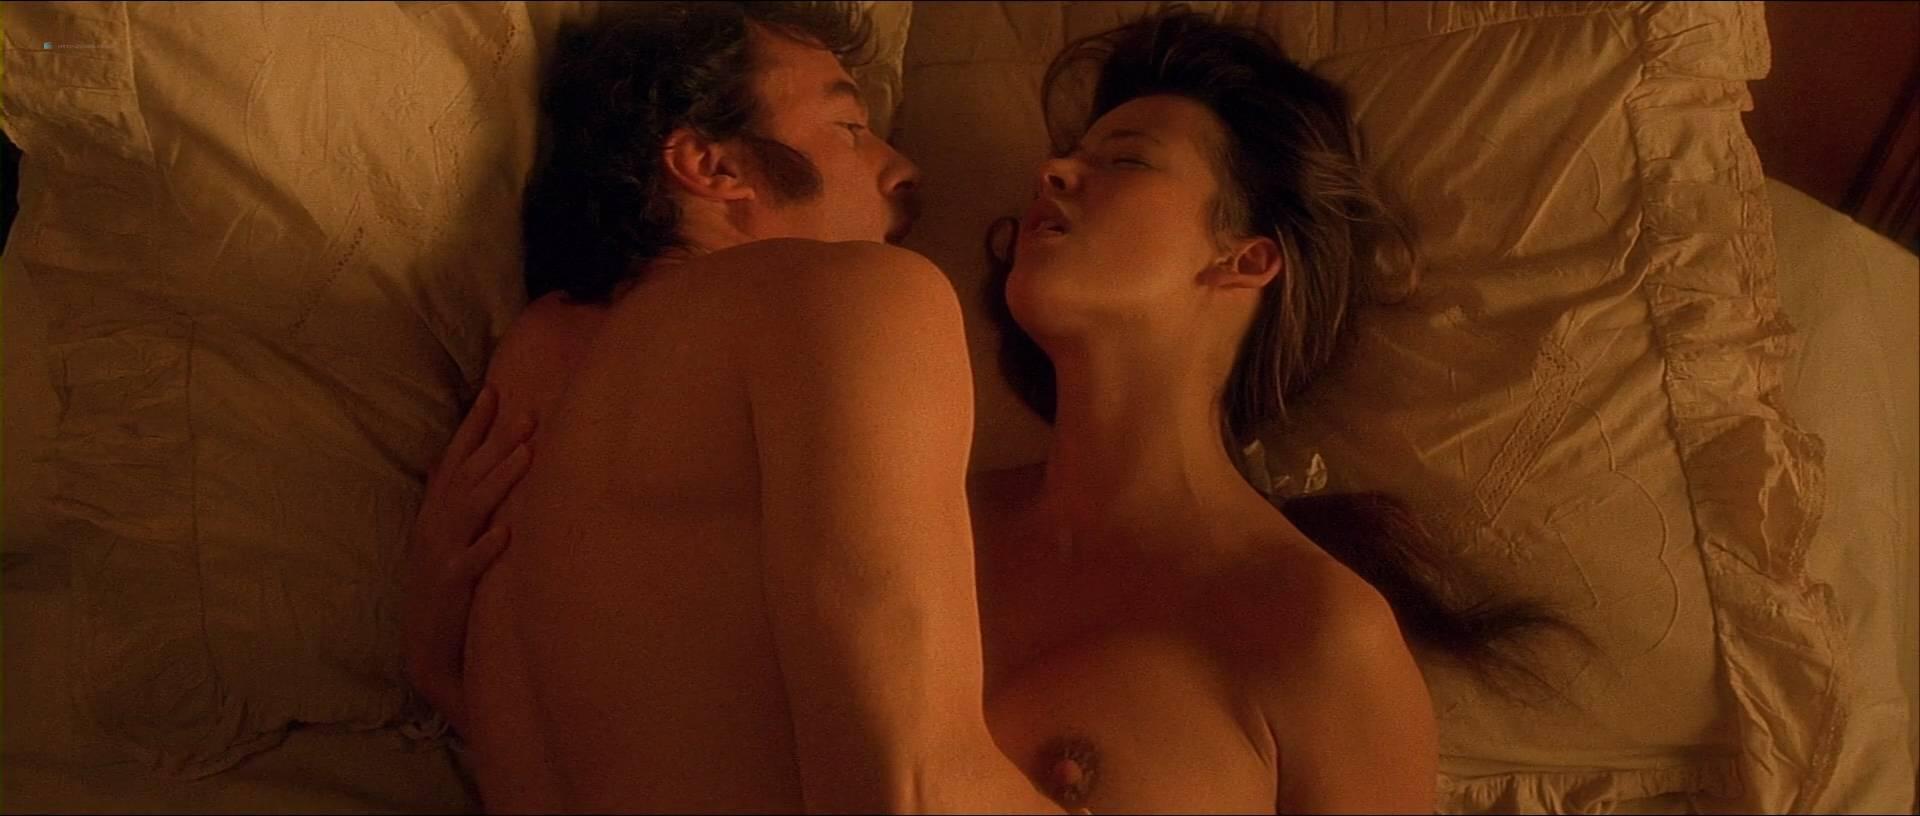 Marceau sex scene, nude realmoms